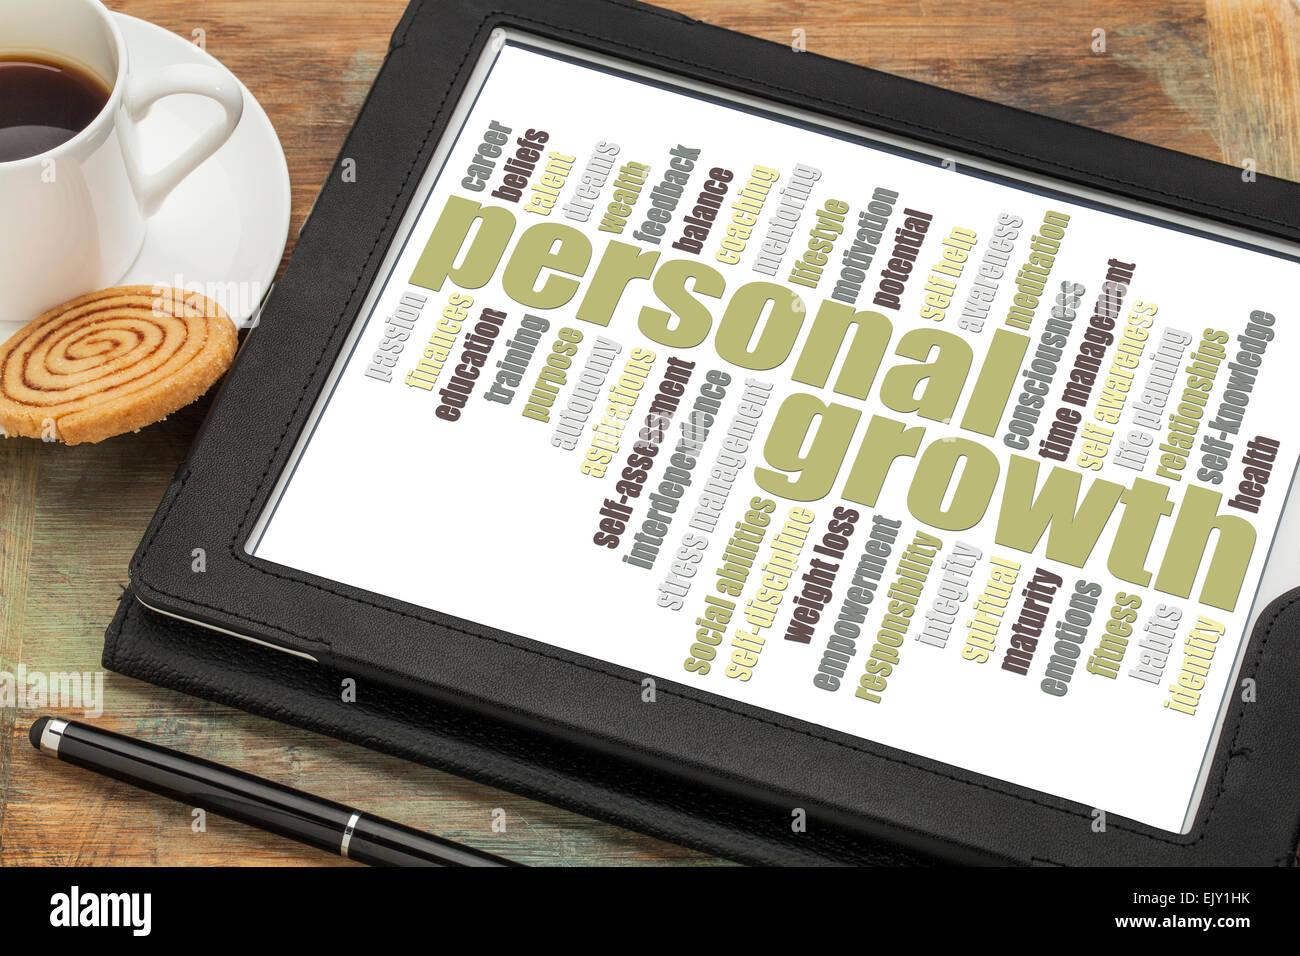 Crecimiento personal palabra cloud en una tableta digital con una taza de café Imagen De Stock